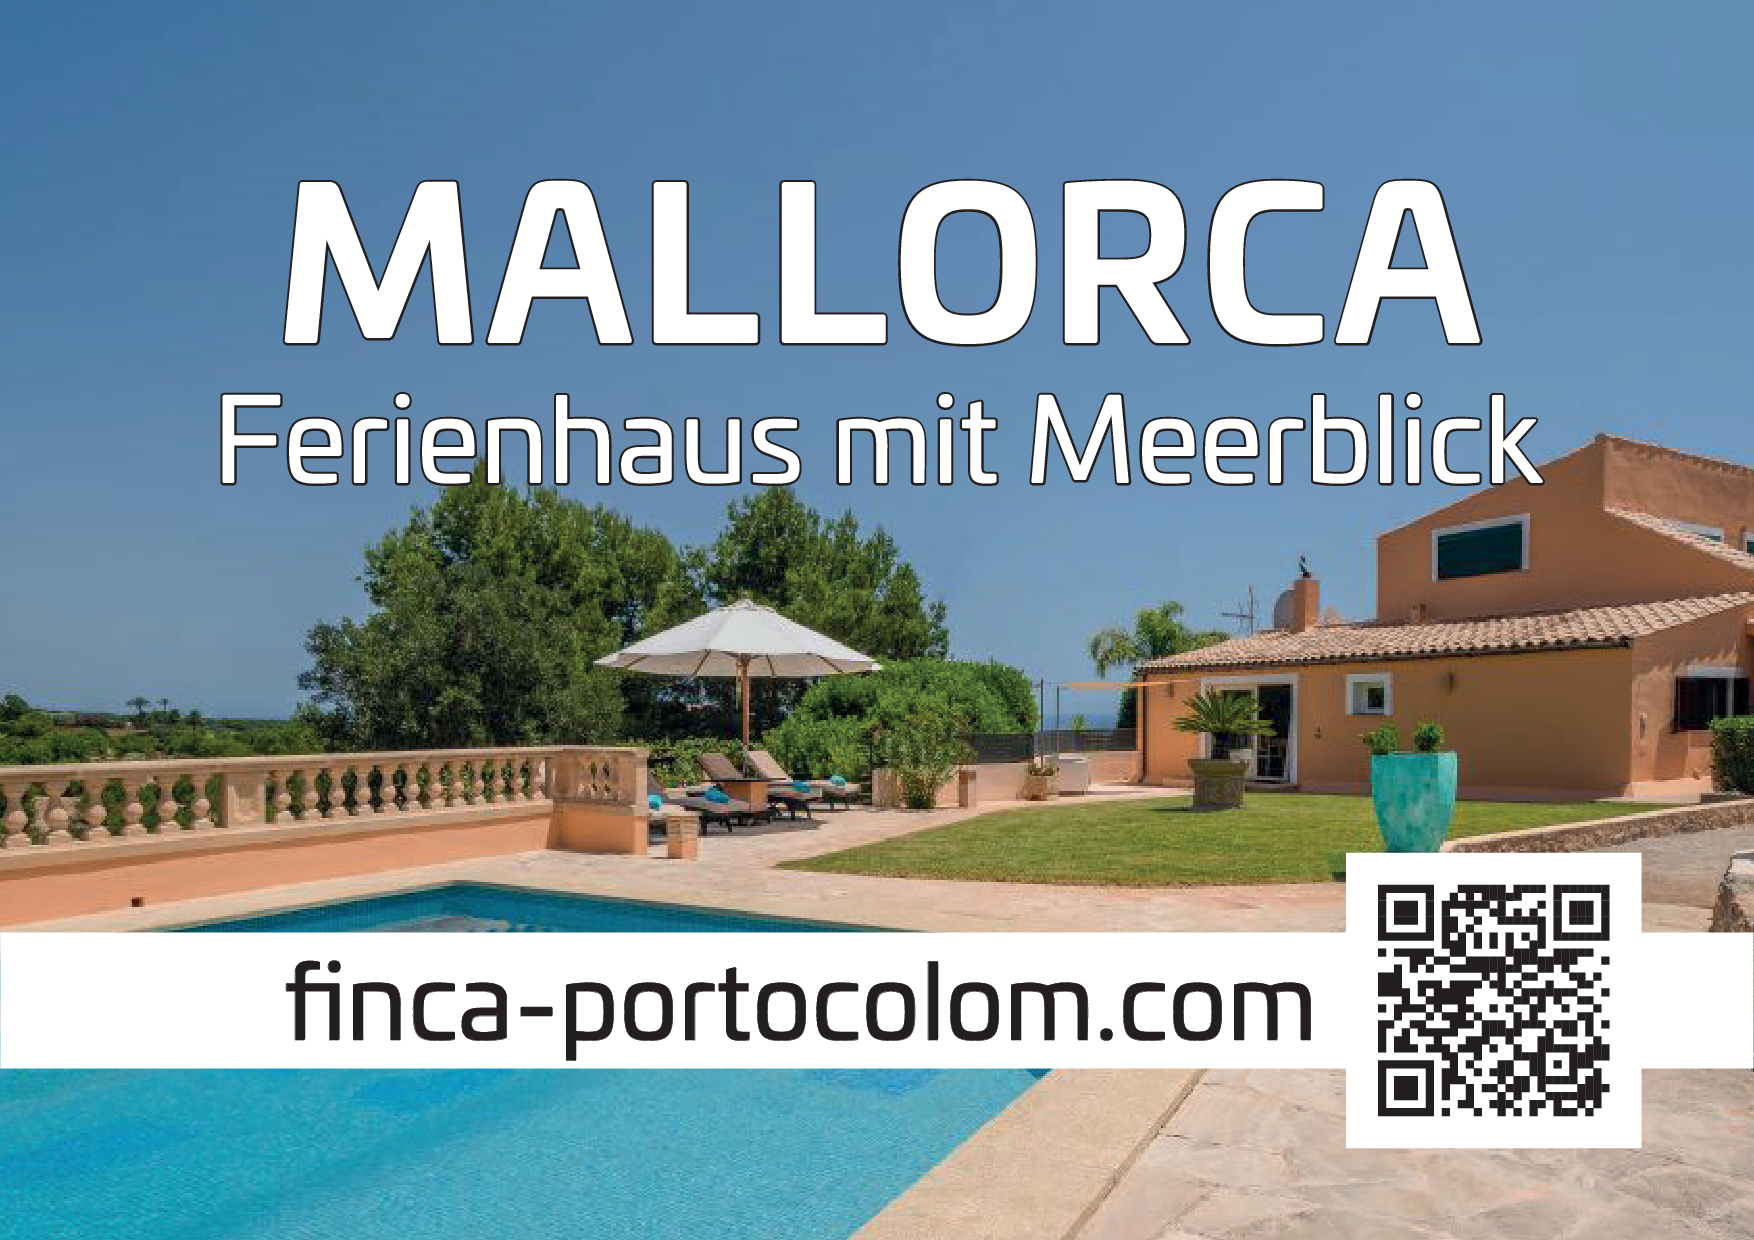 Finca Portocolom auf Mallorca